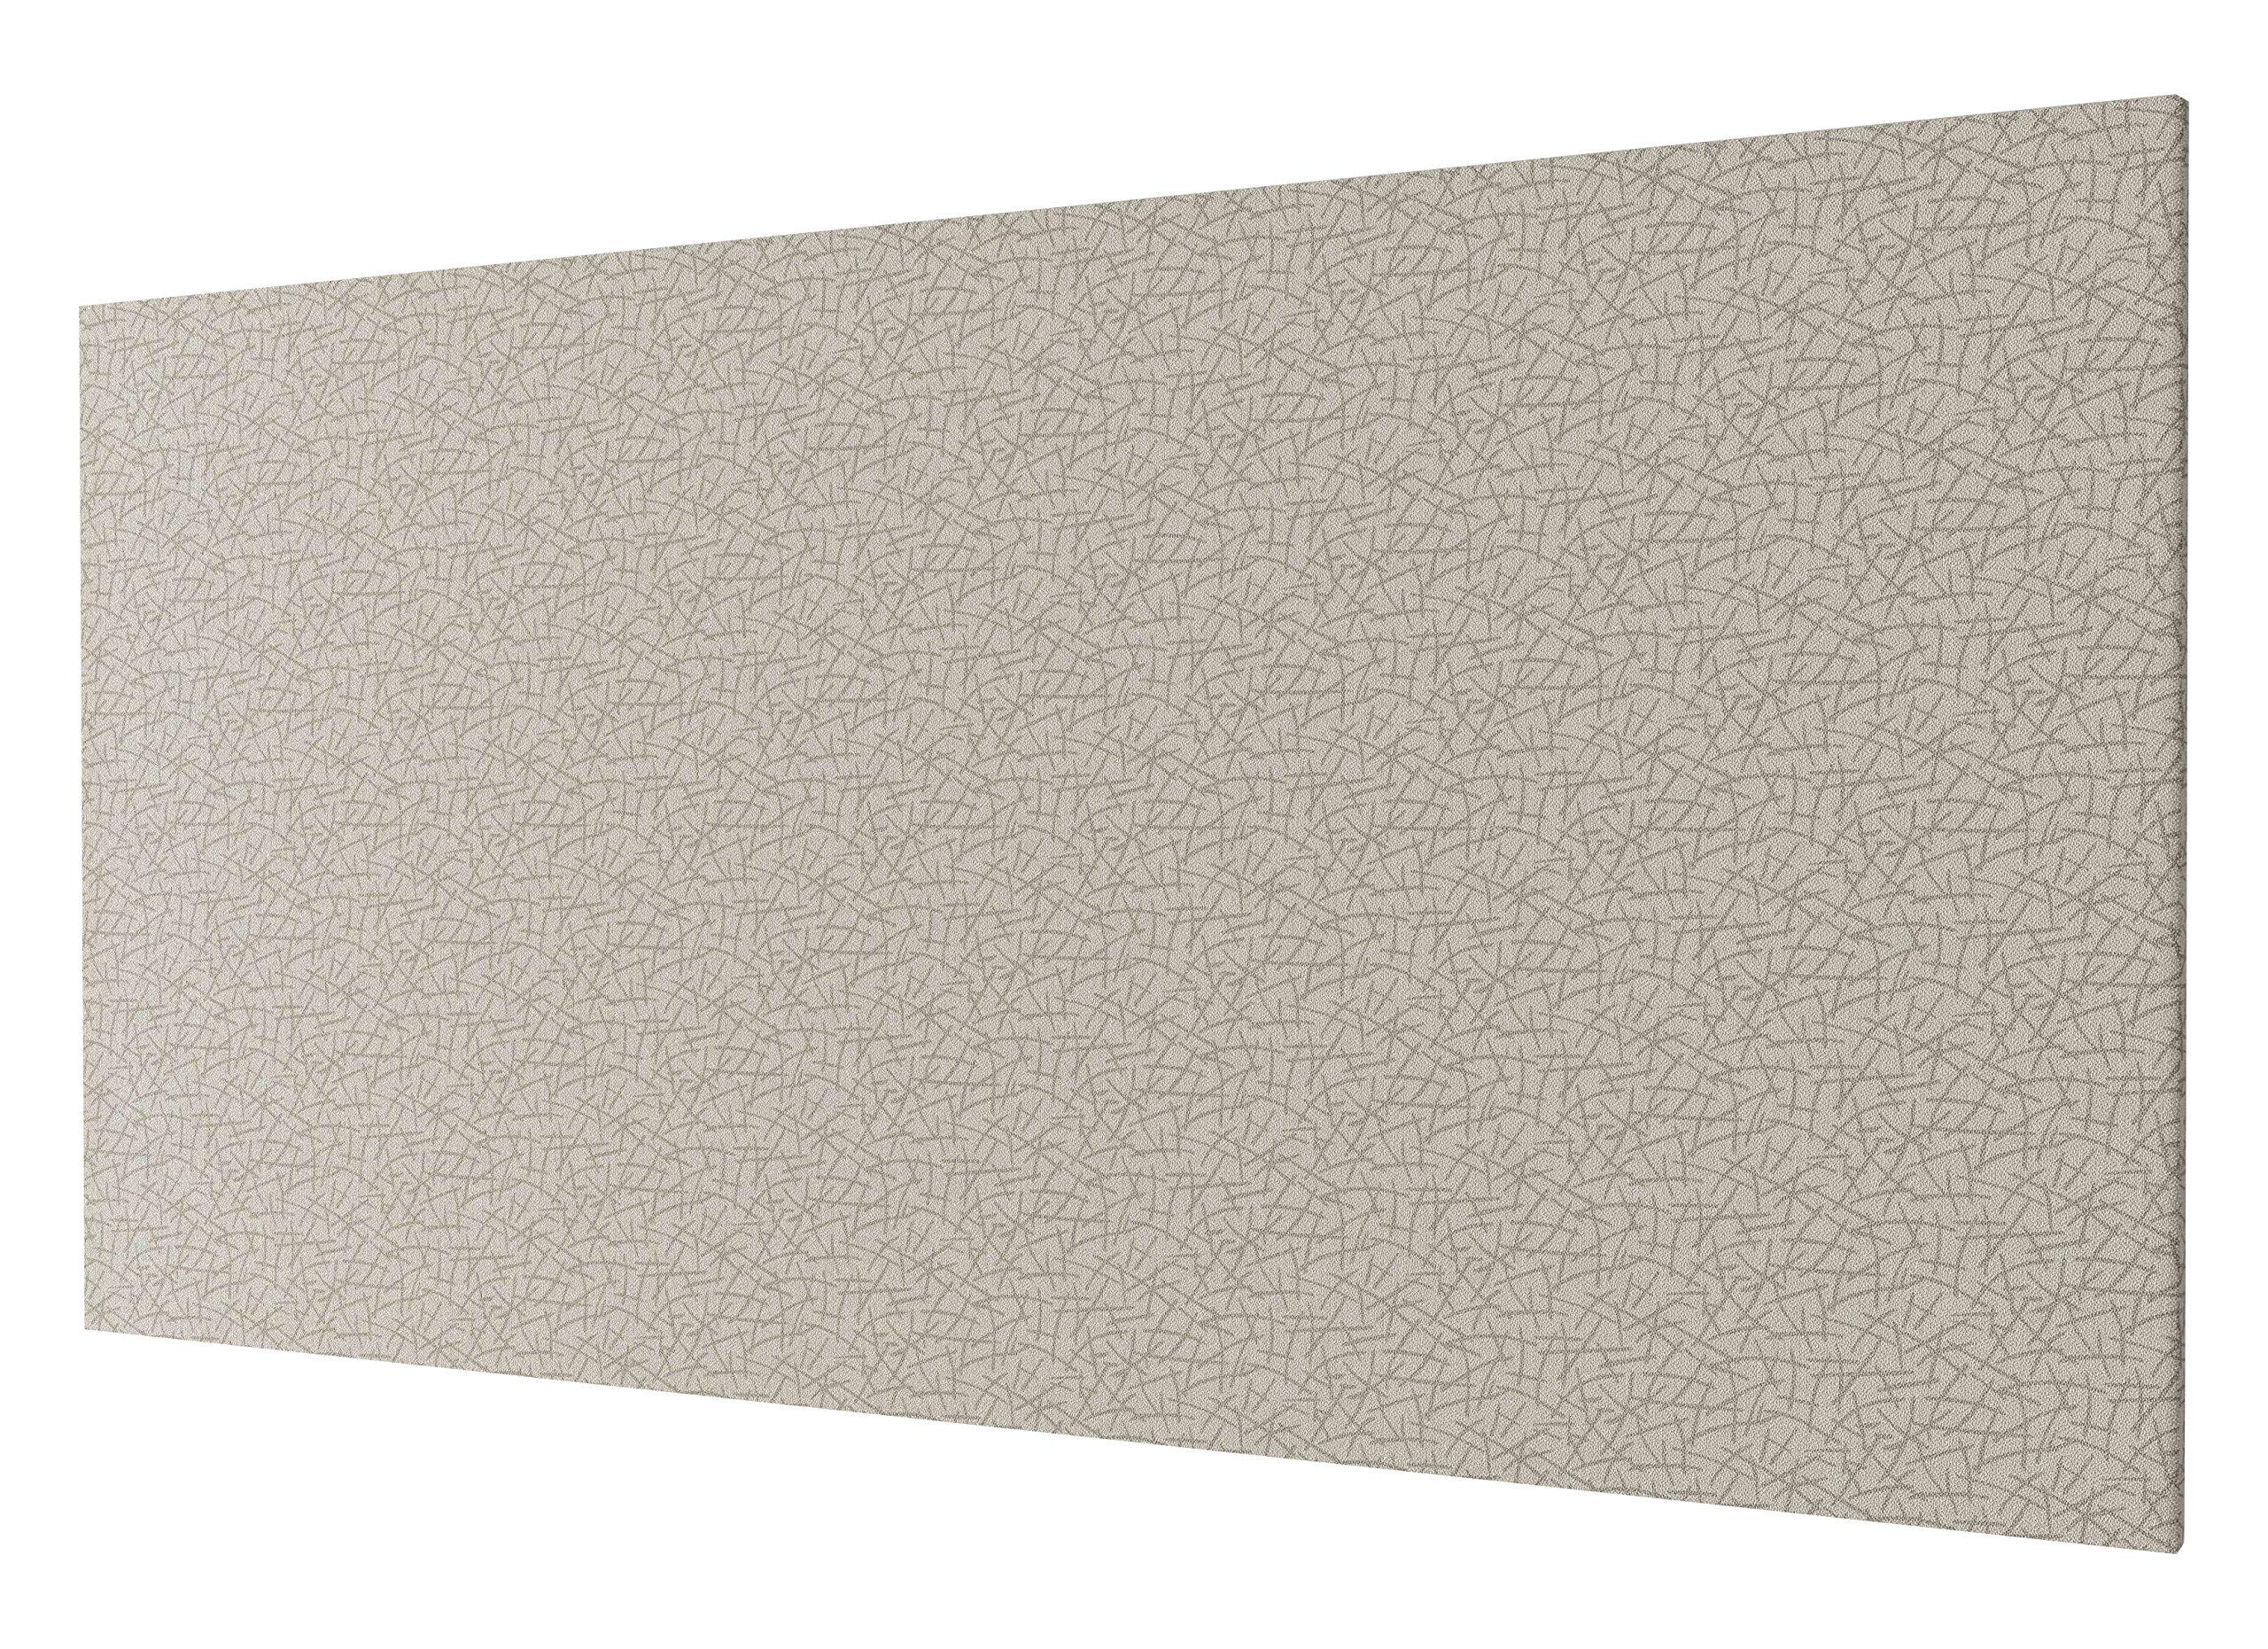 OBEX 30X60-TB-R-SA Rectangle Tackboard Contemporary Sage